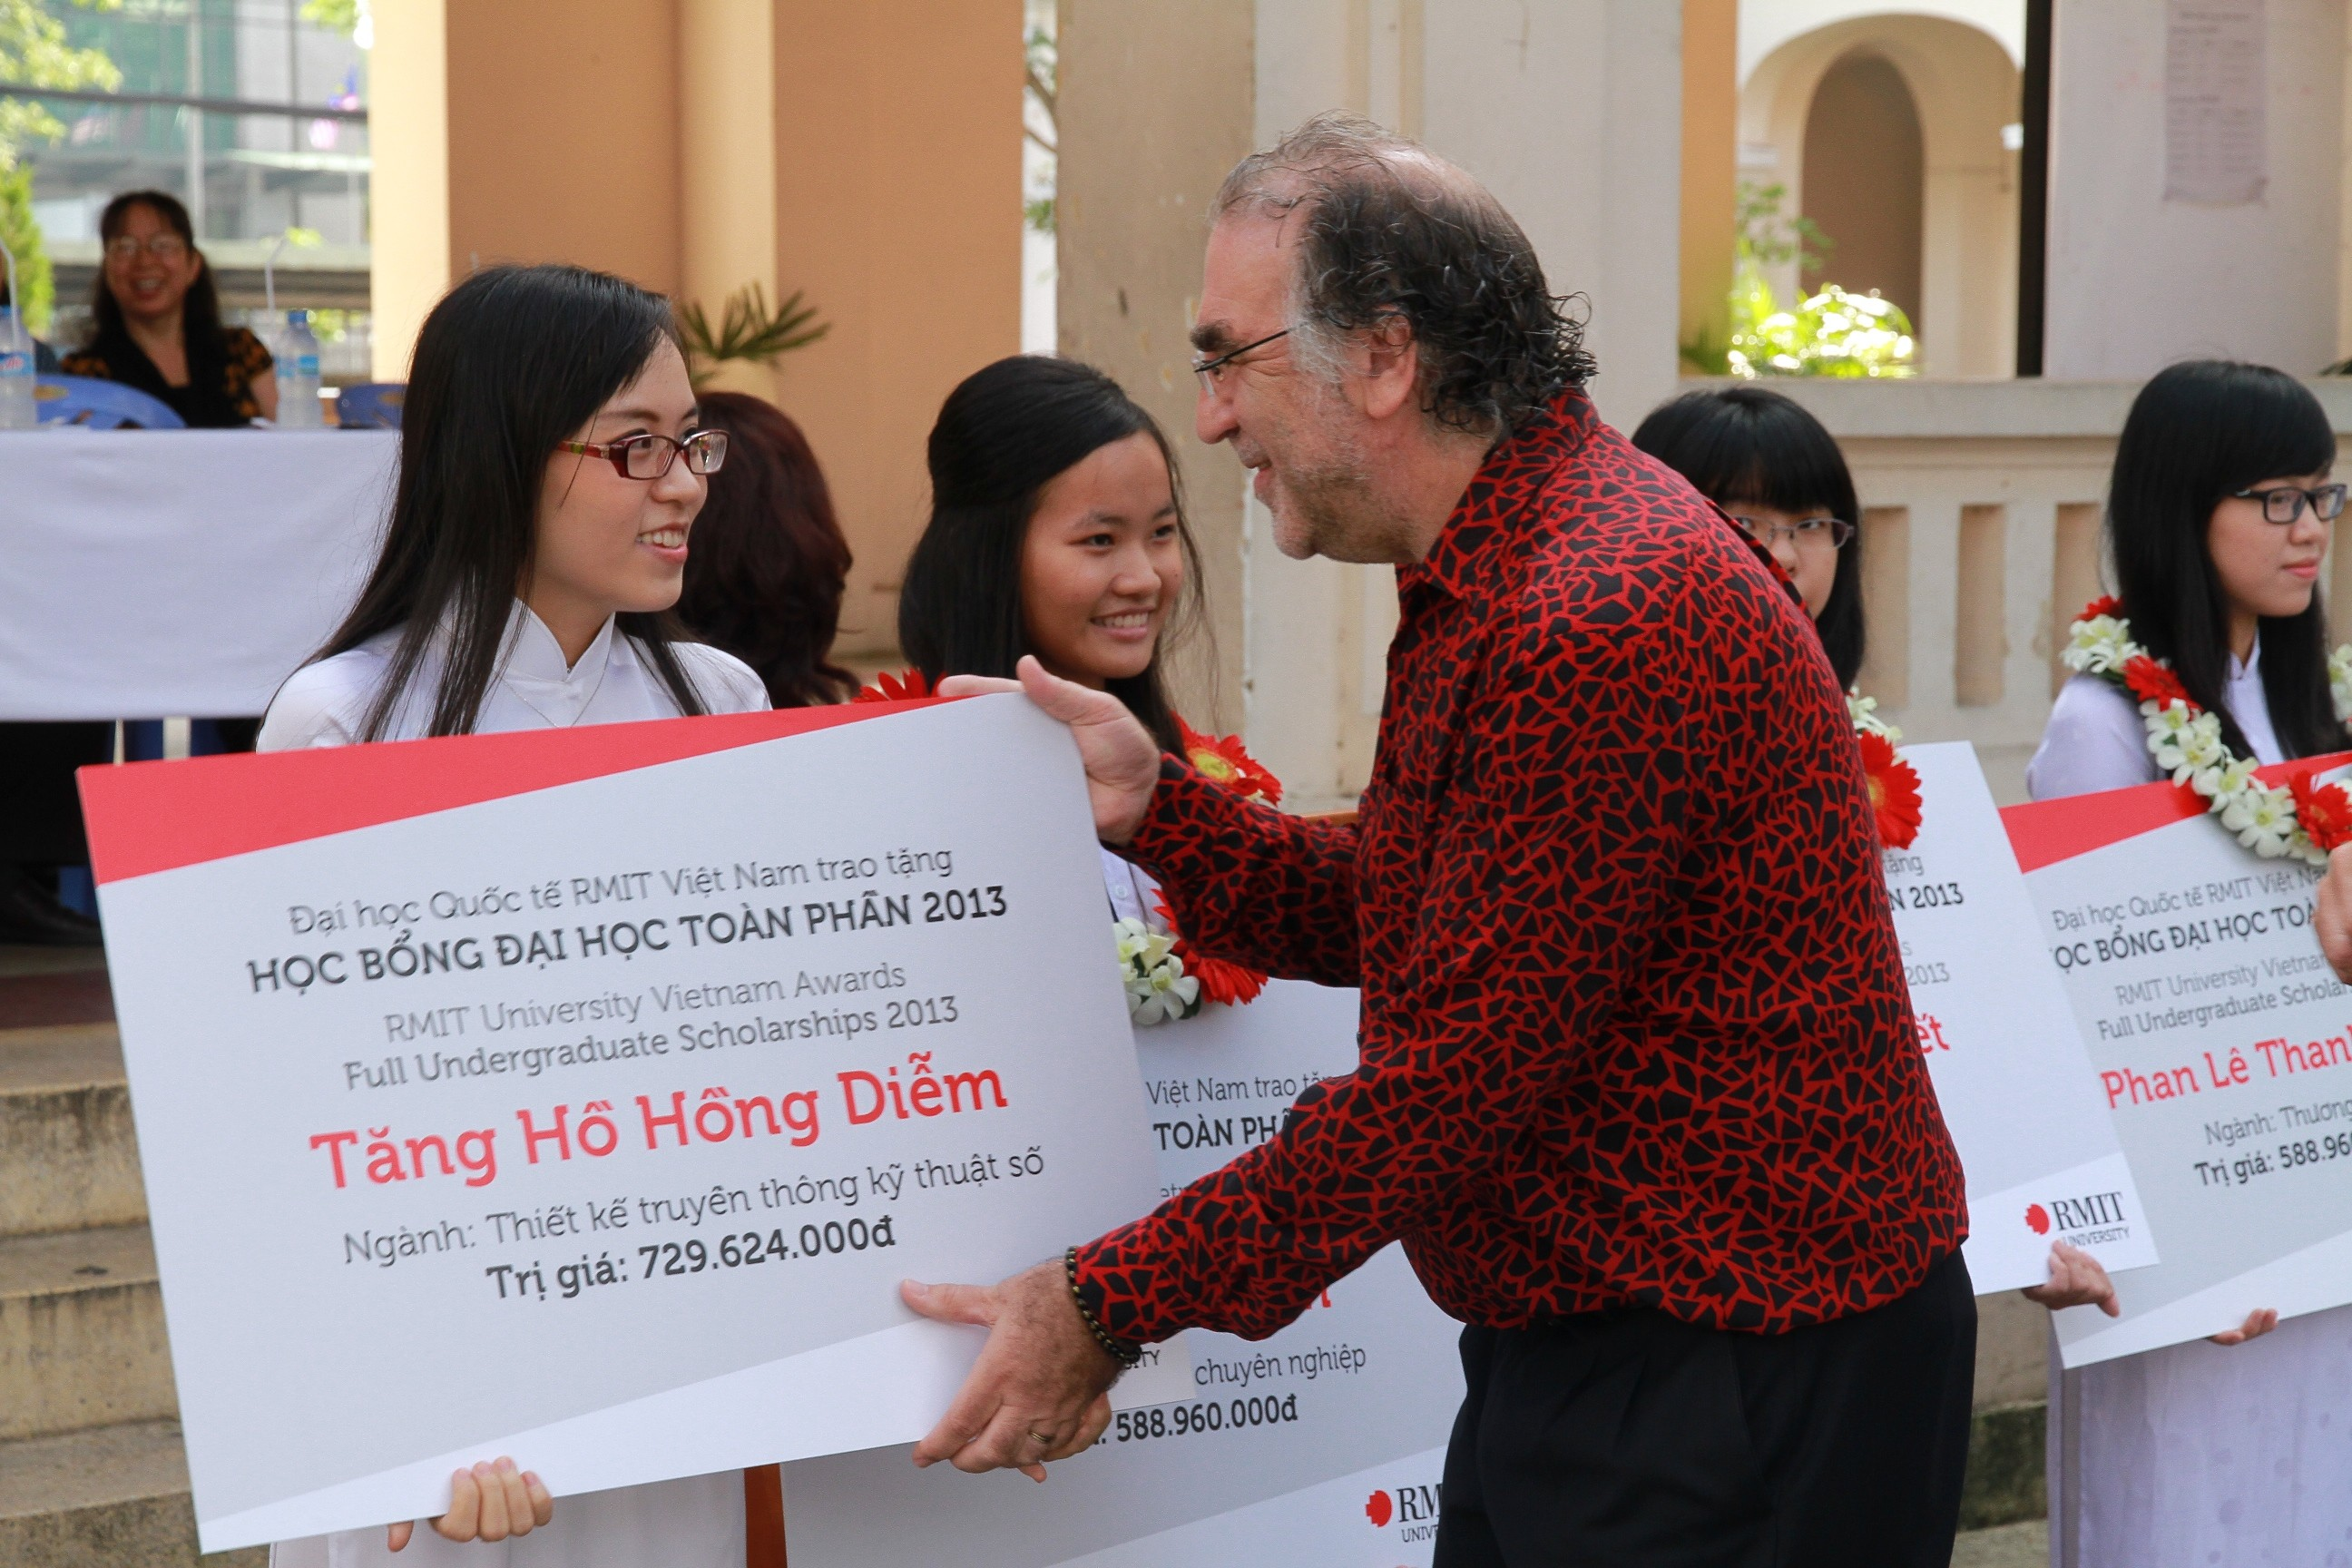 IMG 9386 - RMIT Việt Nam công bố chương trình tặng học bổng năm 2014